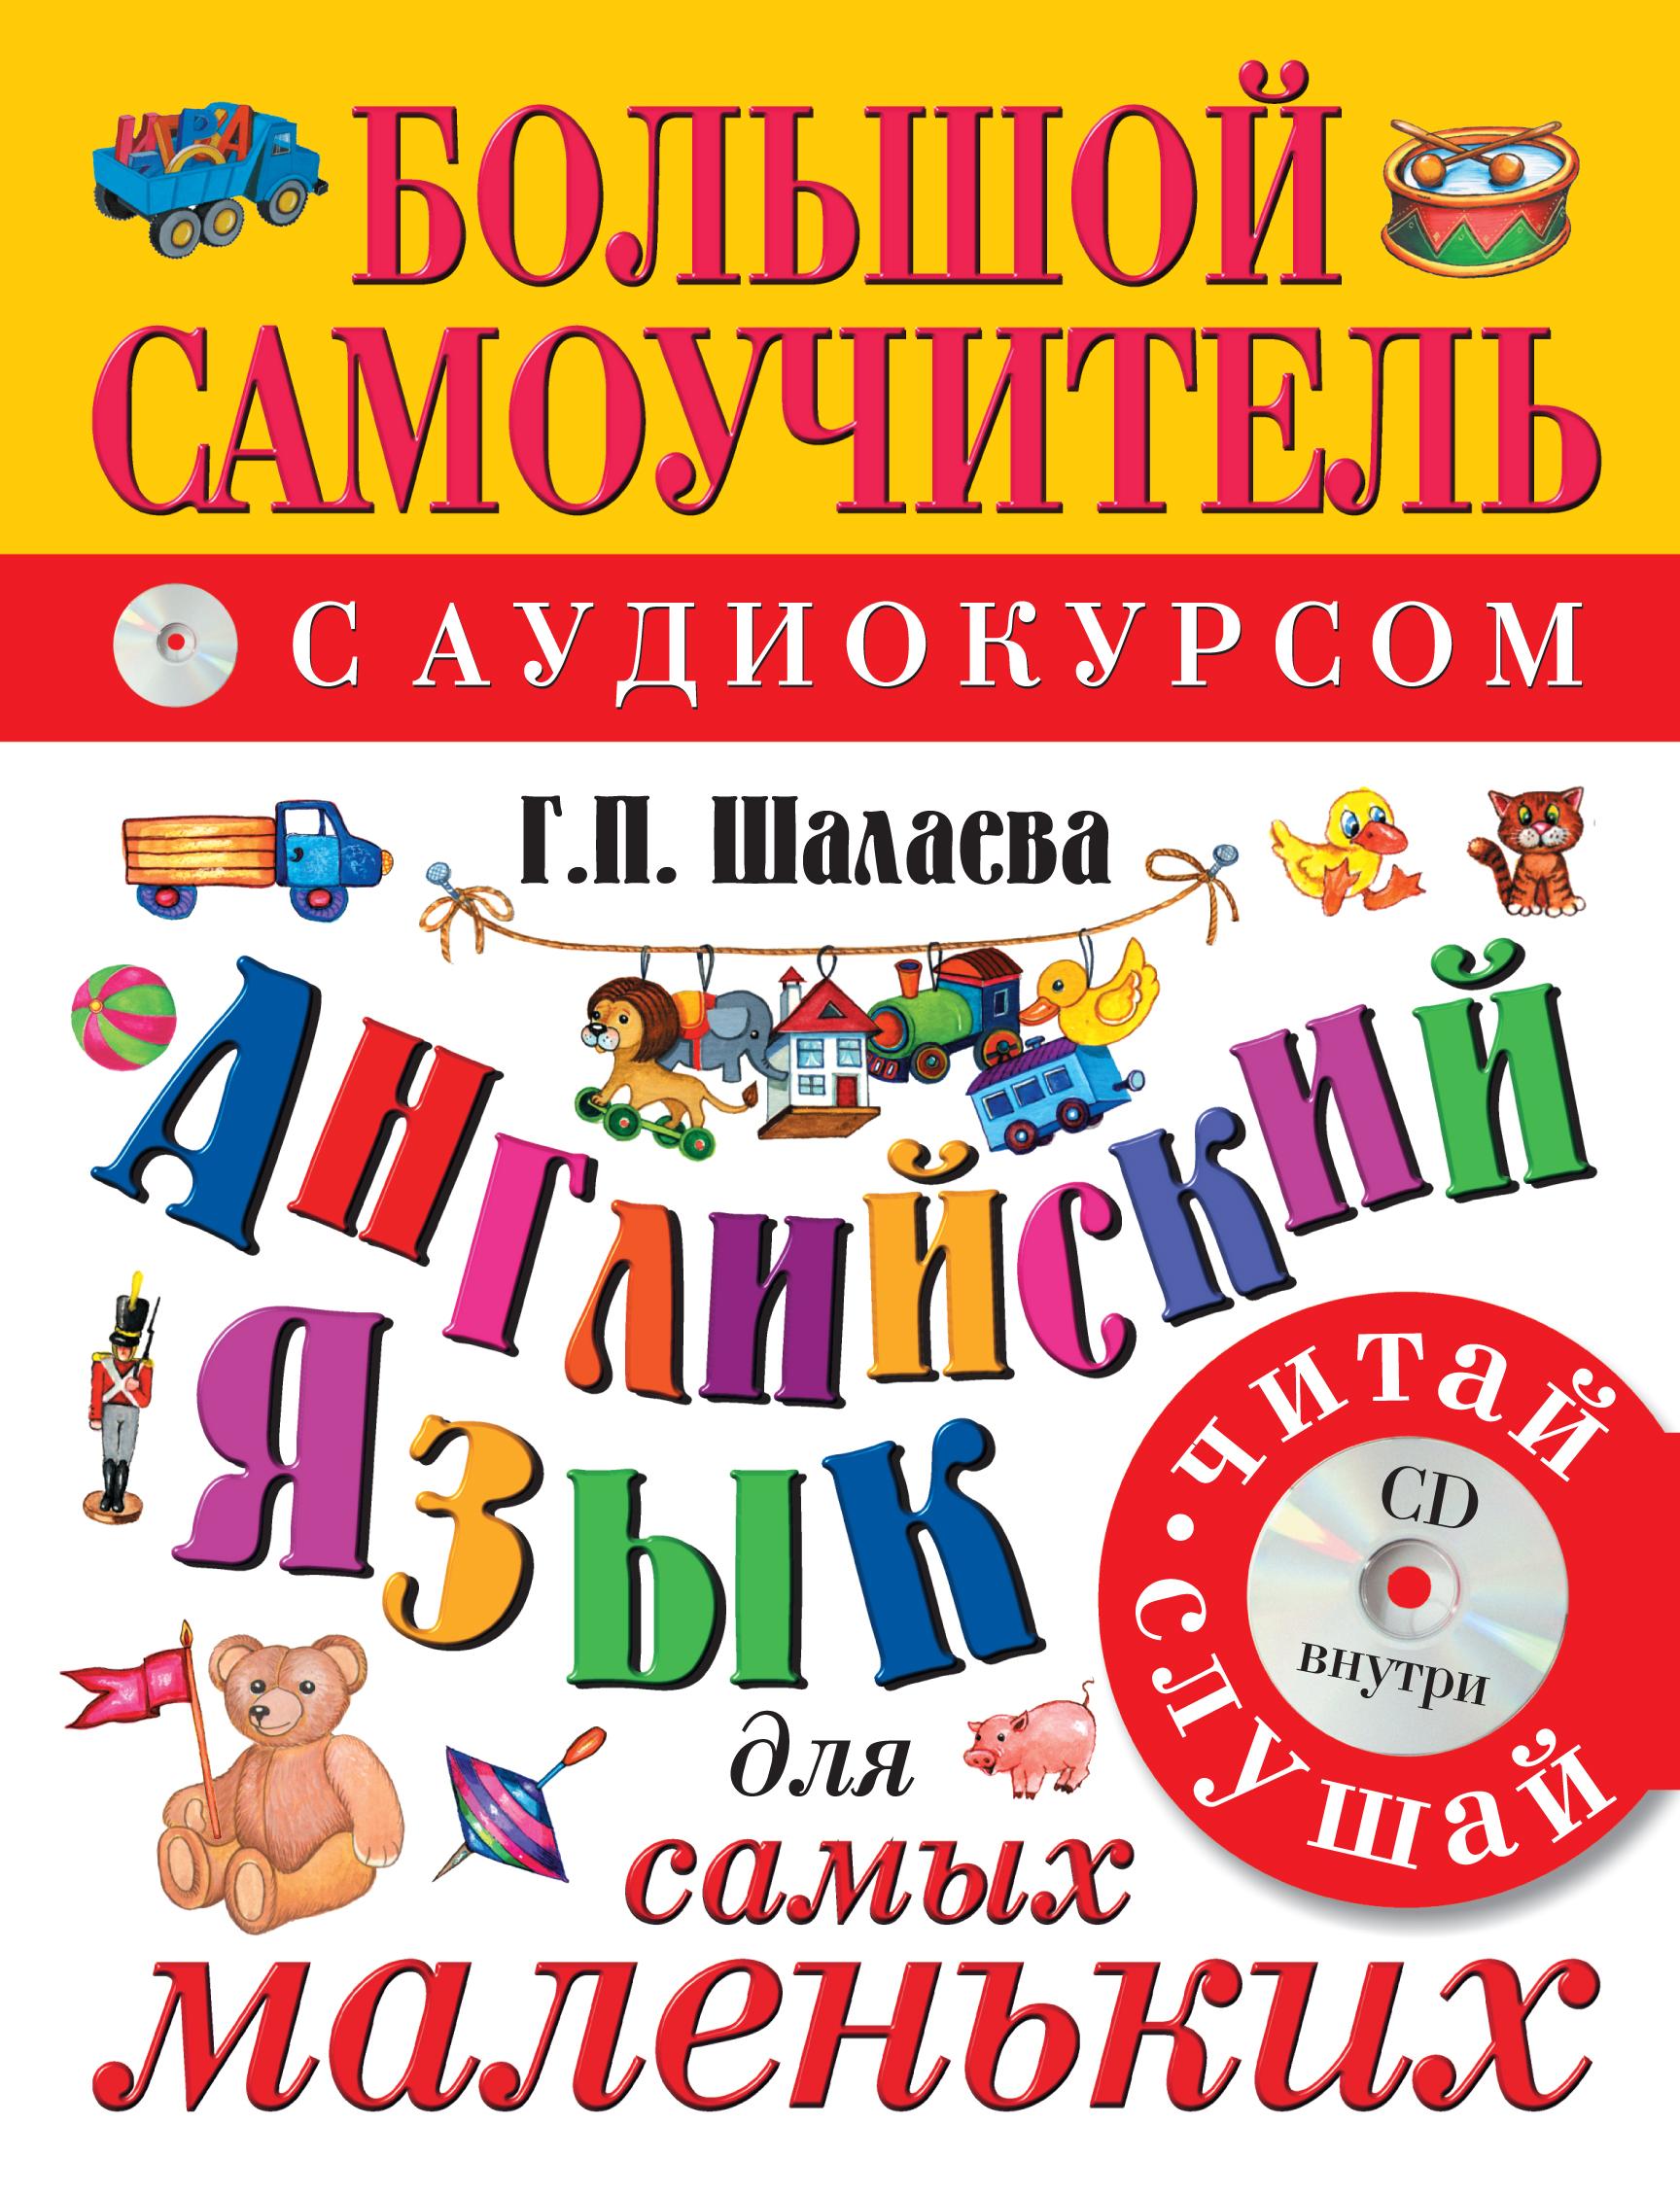 Шалаева Г.П. Английский язык для самых маленьких (+CD) шалаева галина петровна английский язык большой самоучитель для самых маленьких